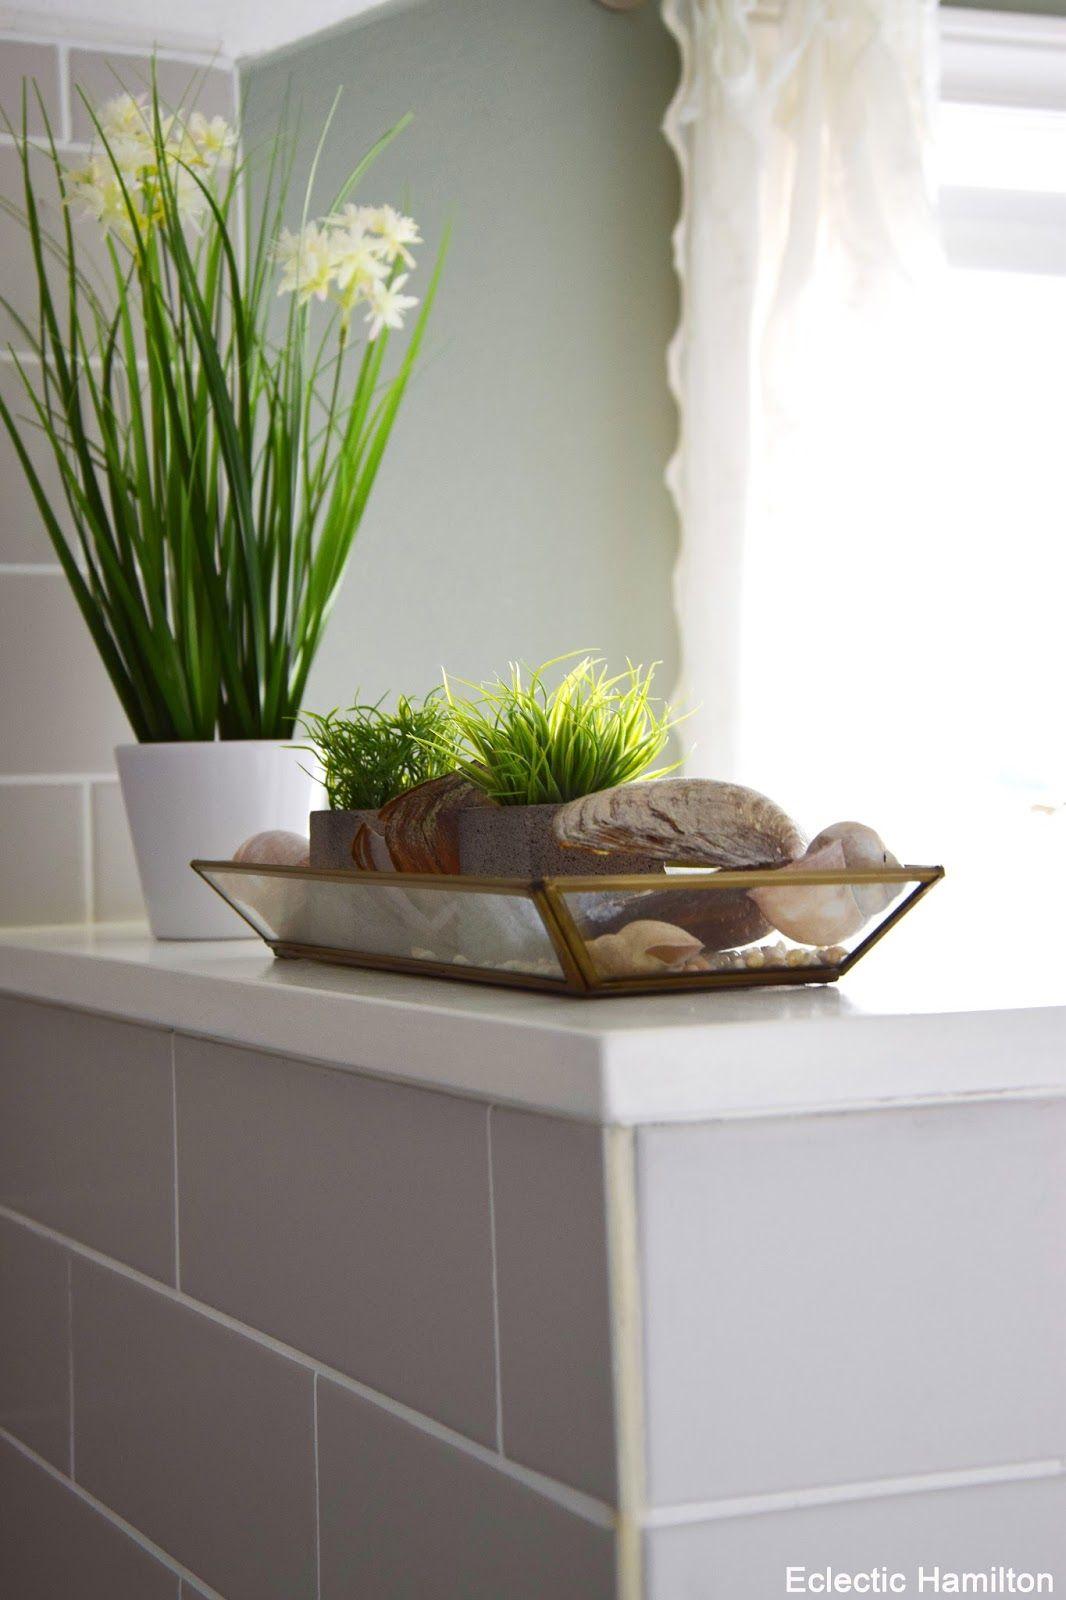 Pflanzen Fur Mein Badezimmer Und Einblicke Endlich Mal Wieder Badezimmer Ohne Fenster Pflanzen Furs Bad Badezimmer